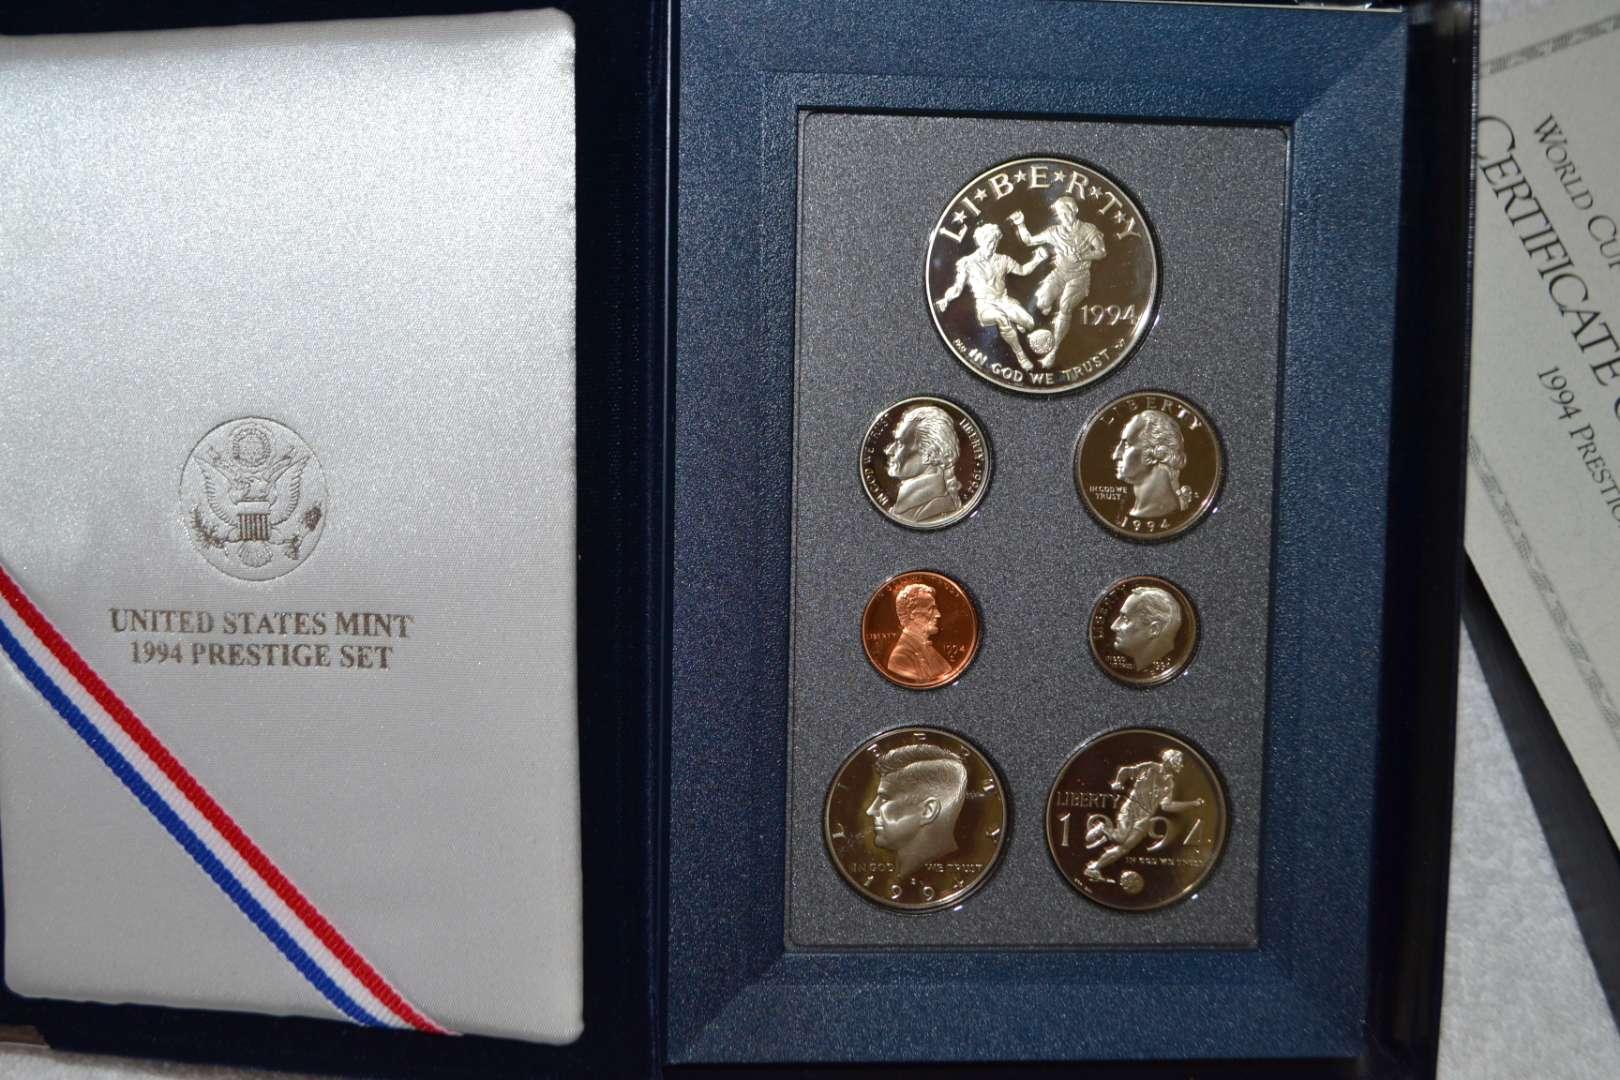 Lot # 319 1994 UNITED STATES MINT PRESTIGE SET